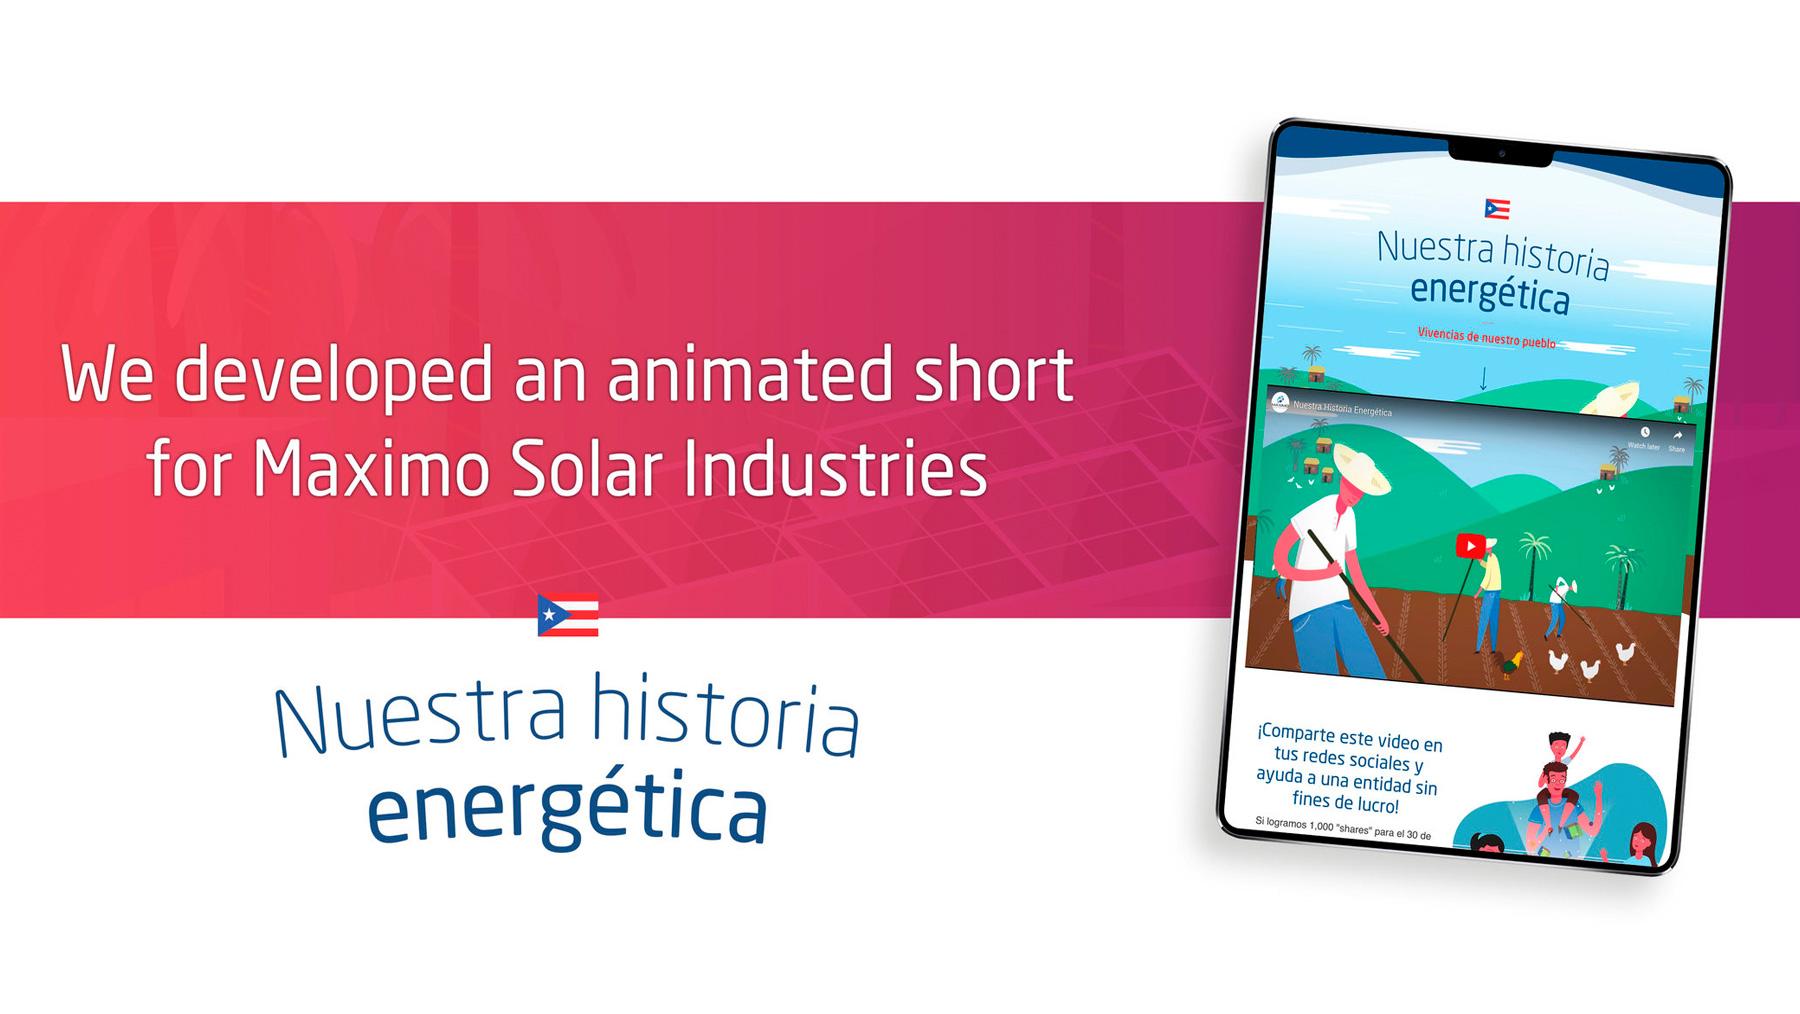 historiaenergética_01.jpg